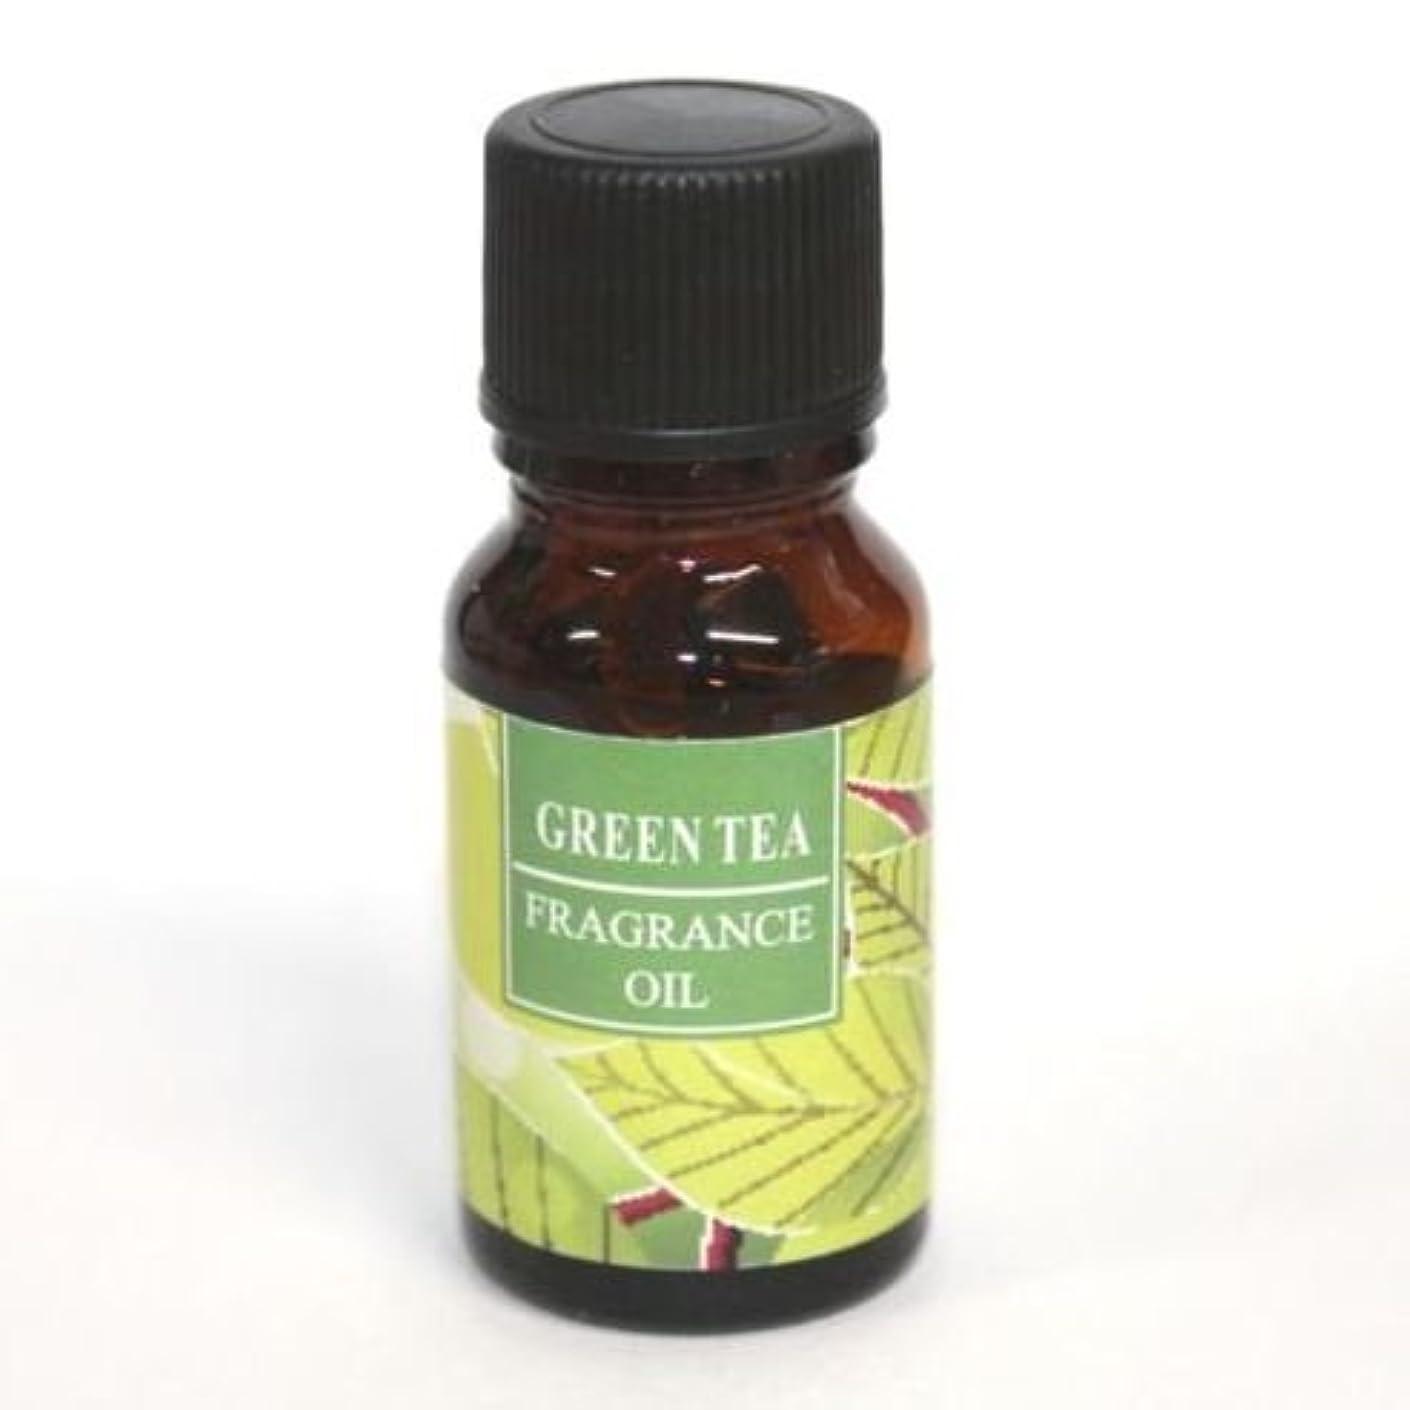 霜と闘うスキャンダラスRELAXING アロマオイル AROMA OIL フレグランスオイル GREEN TEA 緑茶の香り RQ-09